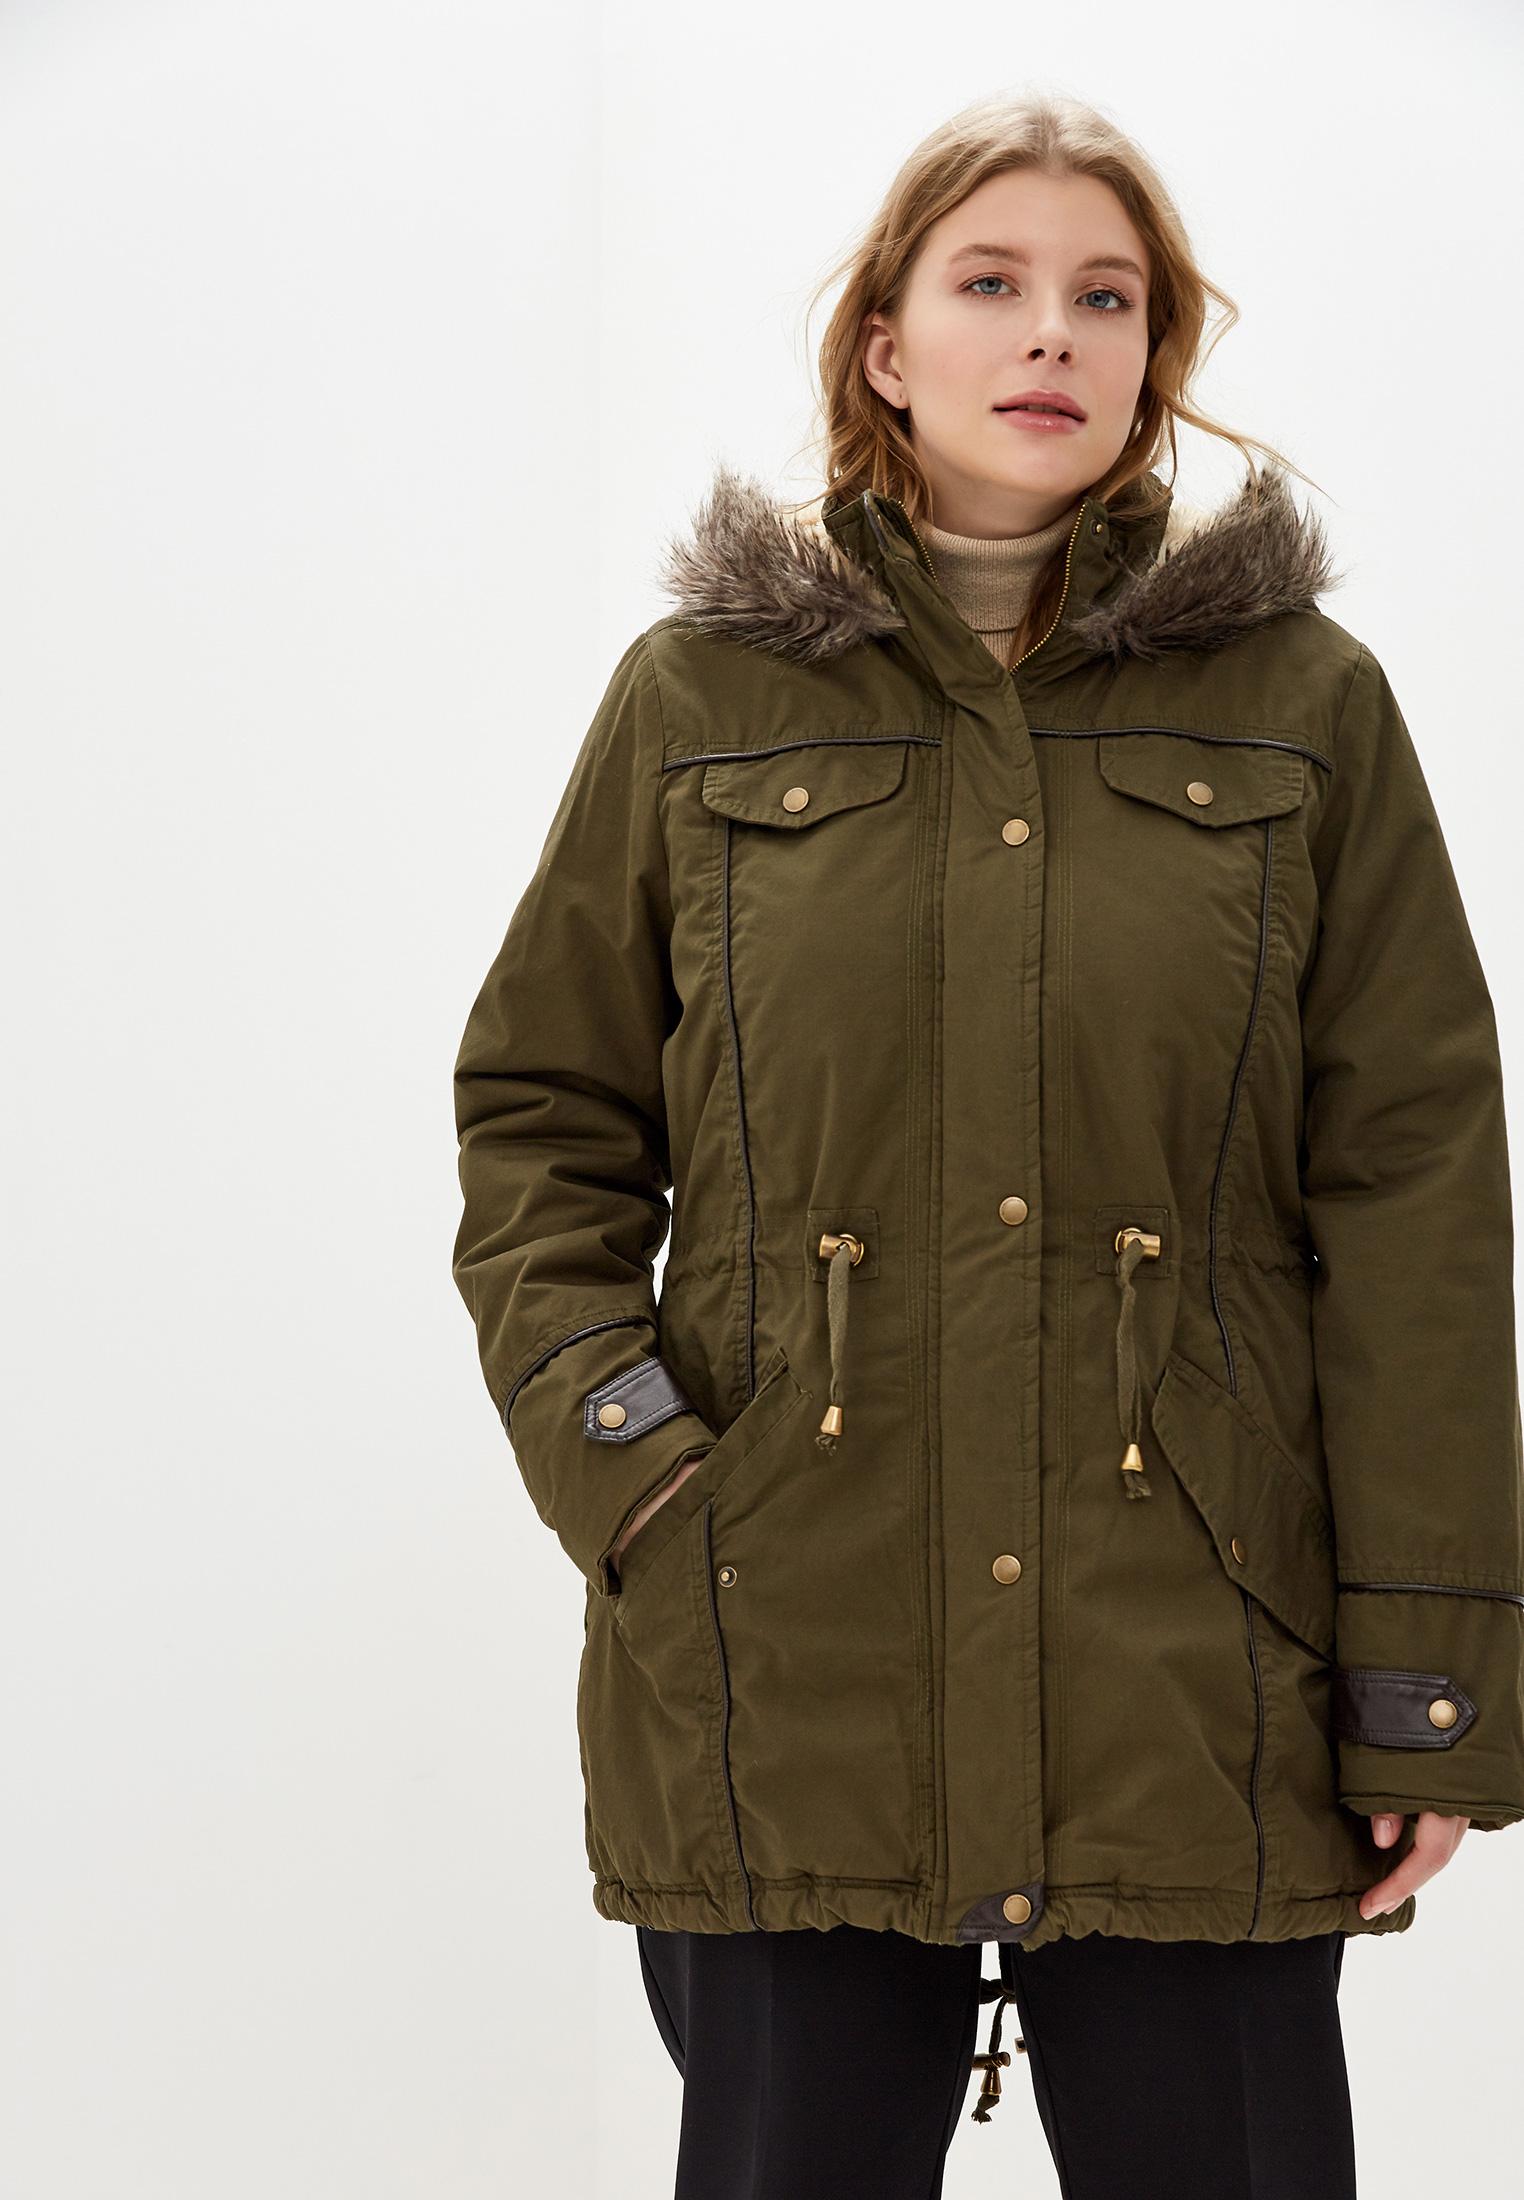 Картинки курток парка женская